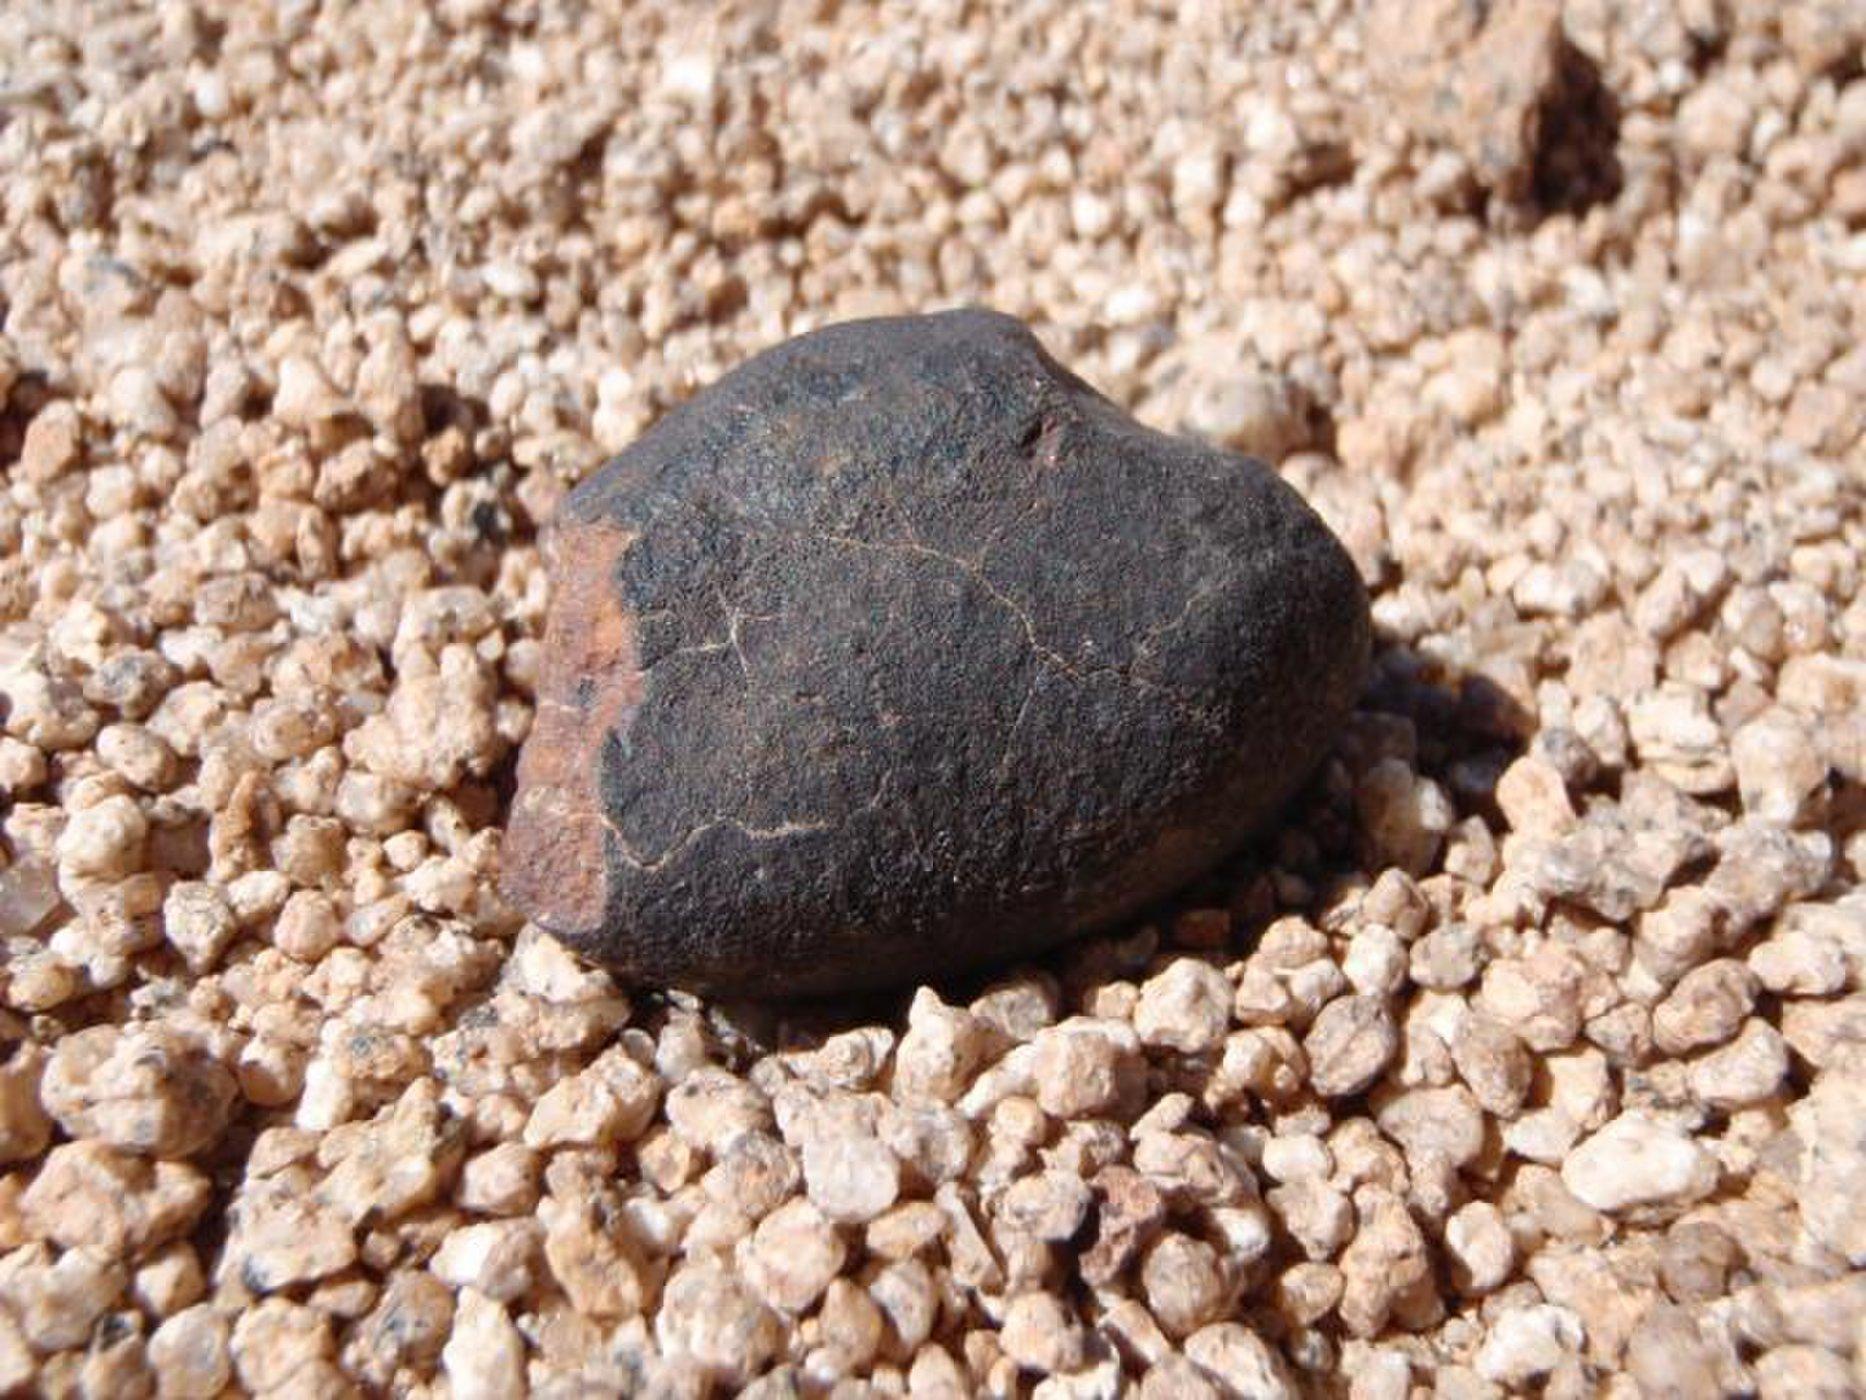 Древнейшая коллекция метеоритов найдена в самом сухом месте на планете